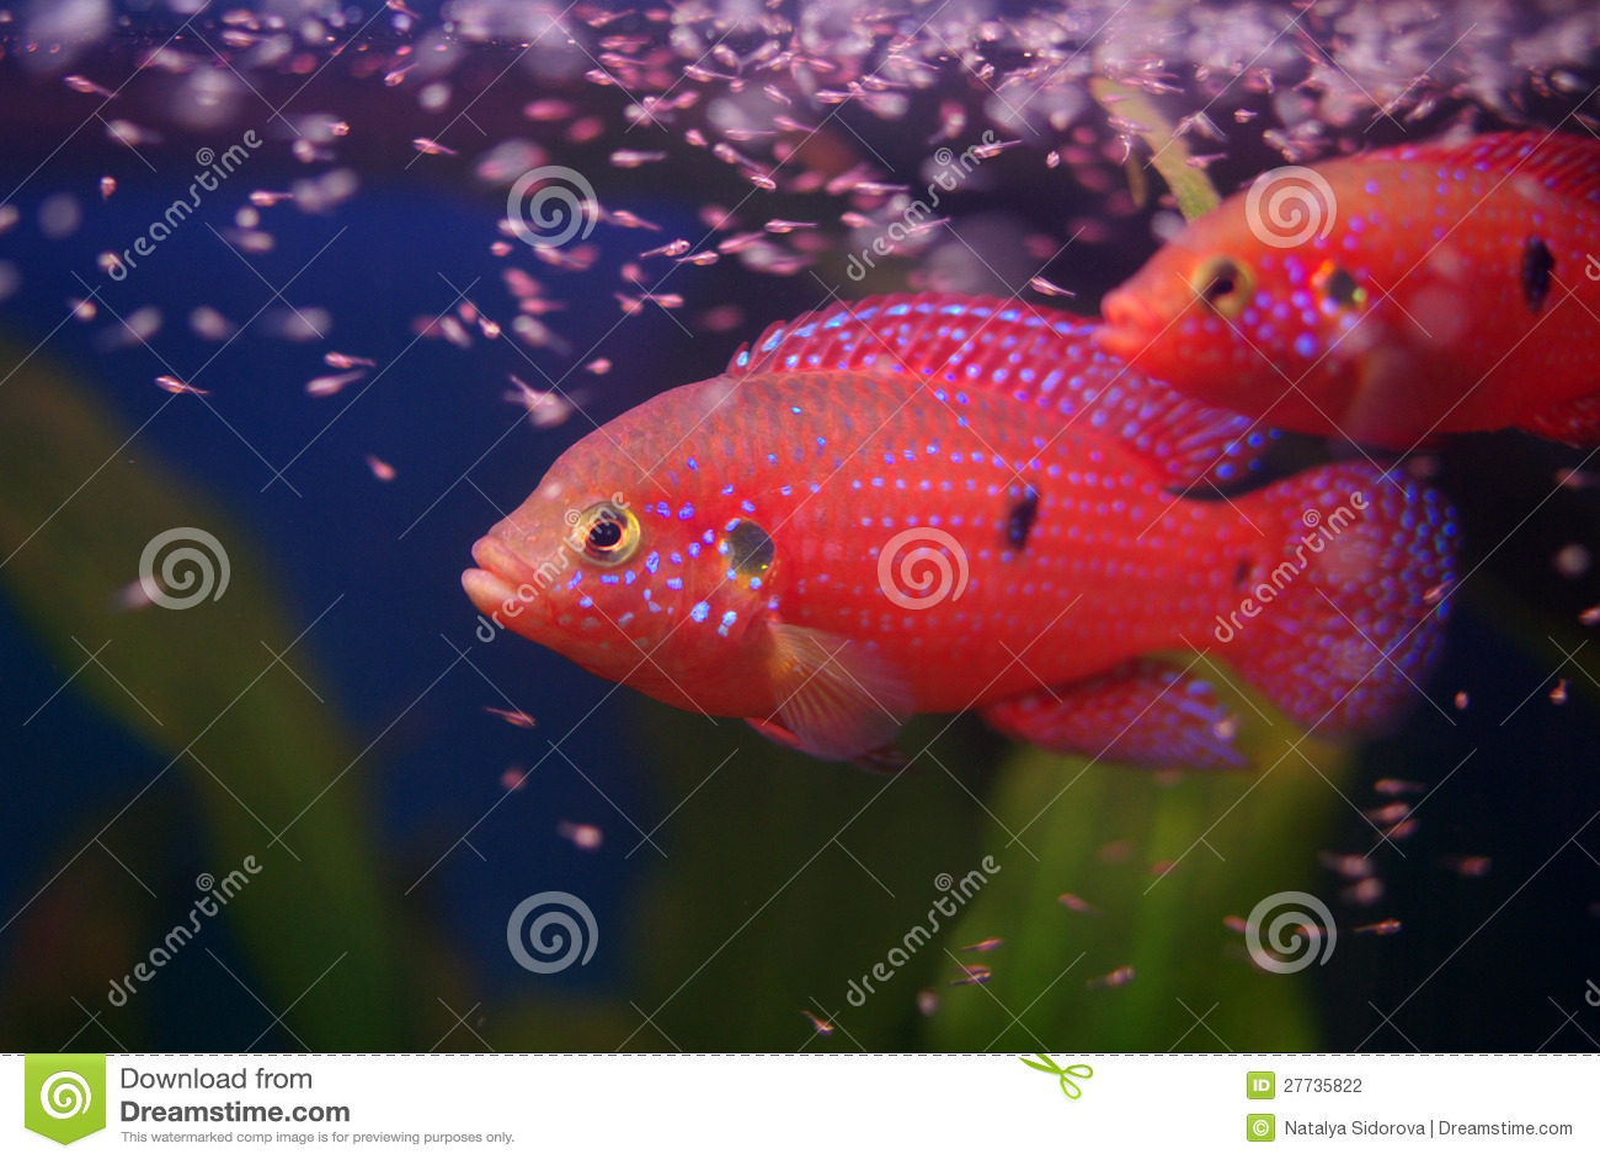 Chromis Cichlid mit Fischrogen